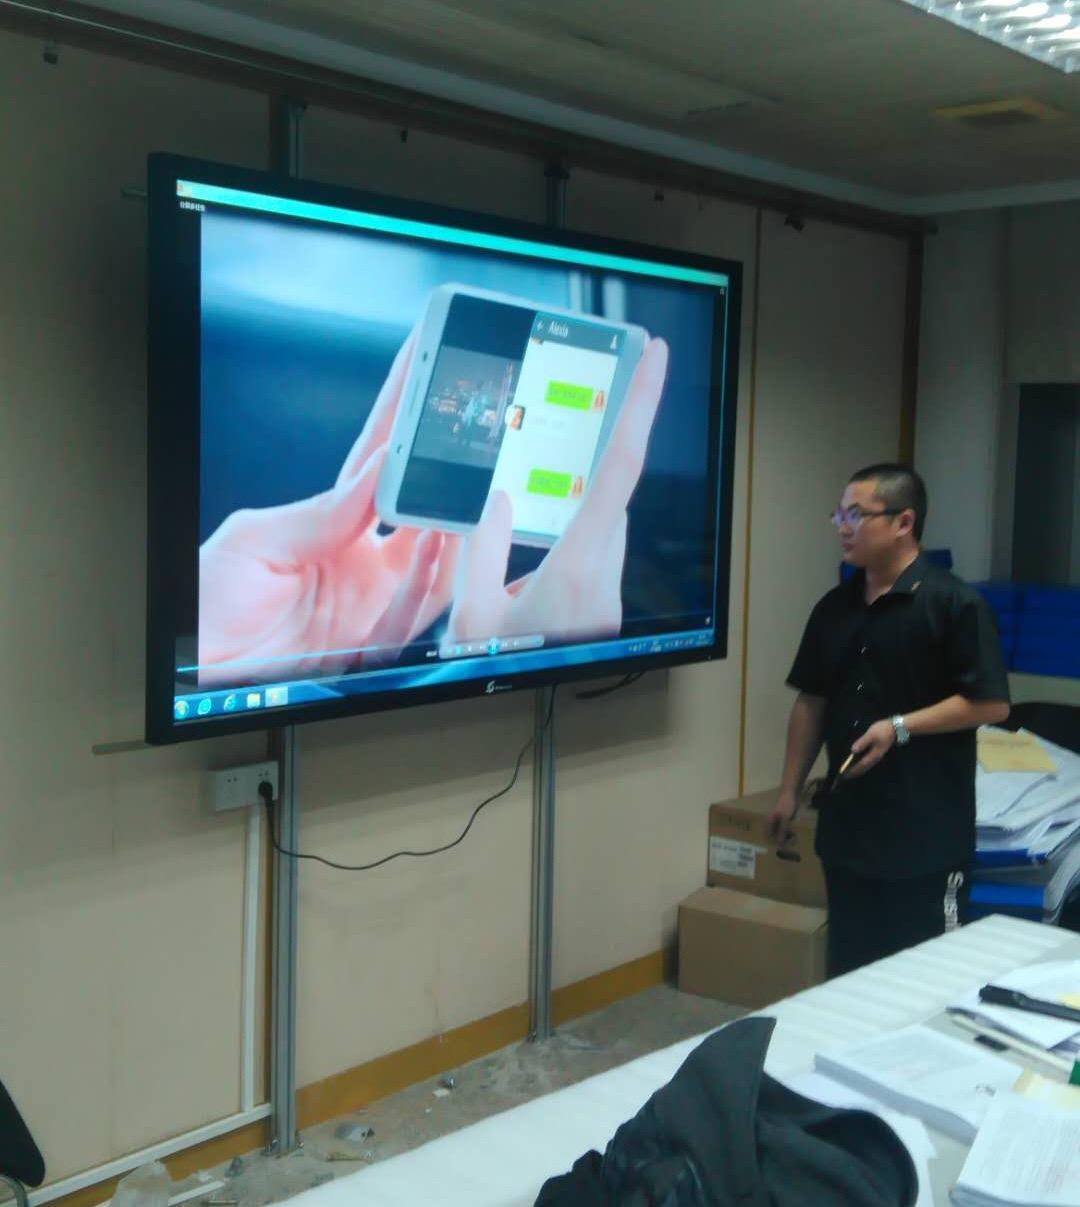 广州市某建科院86寸会议触摸一体机安装项目(图文)